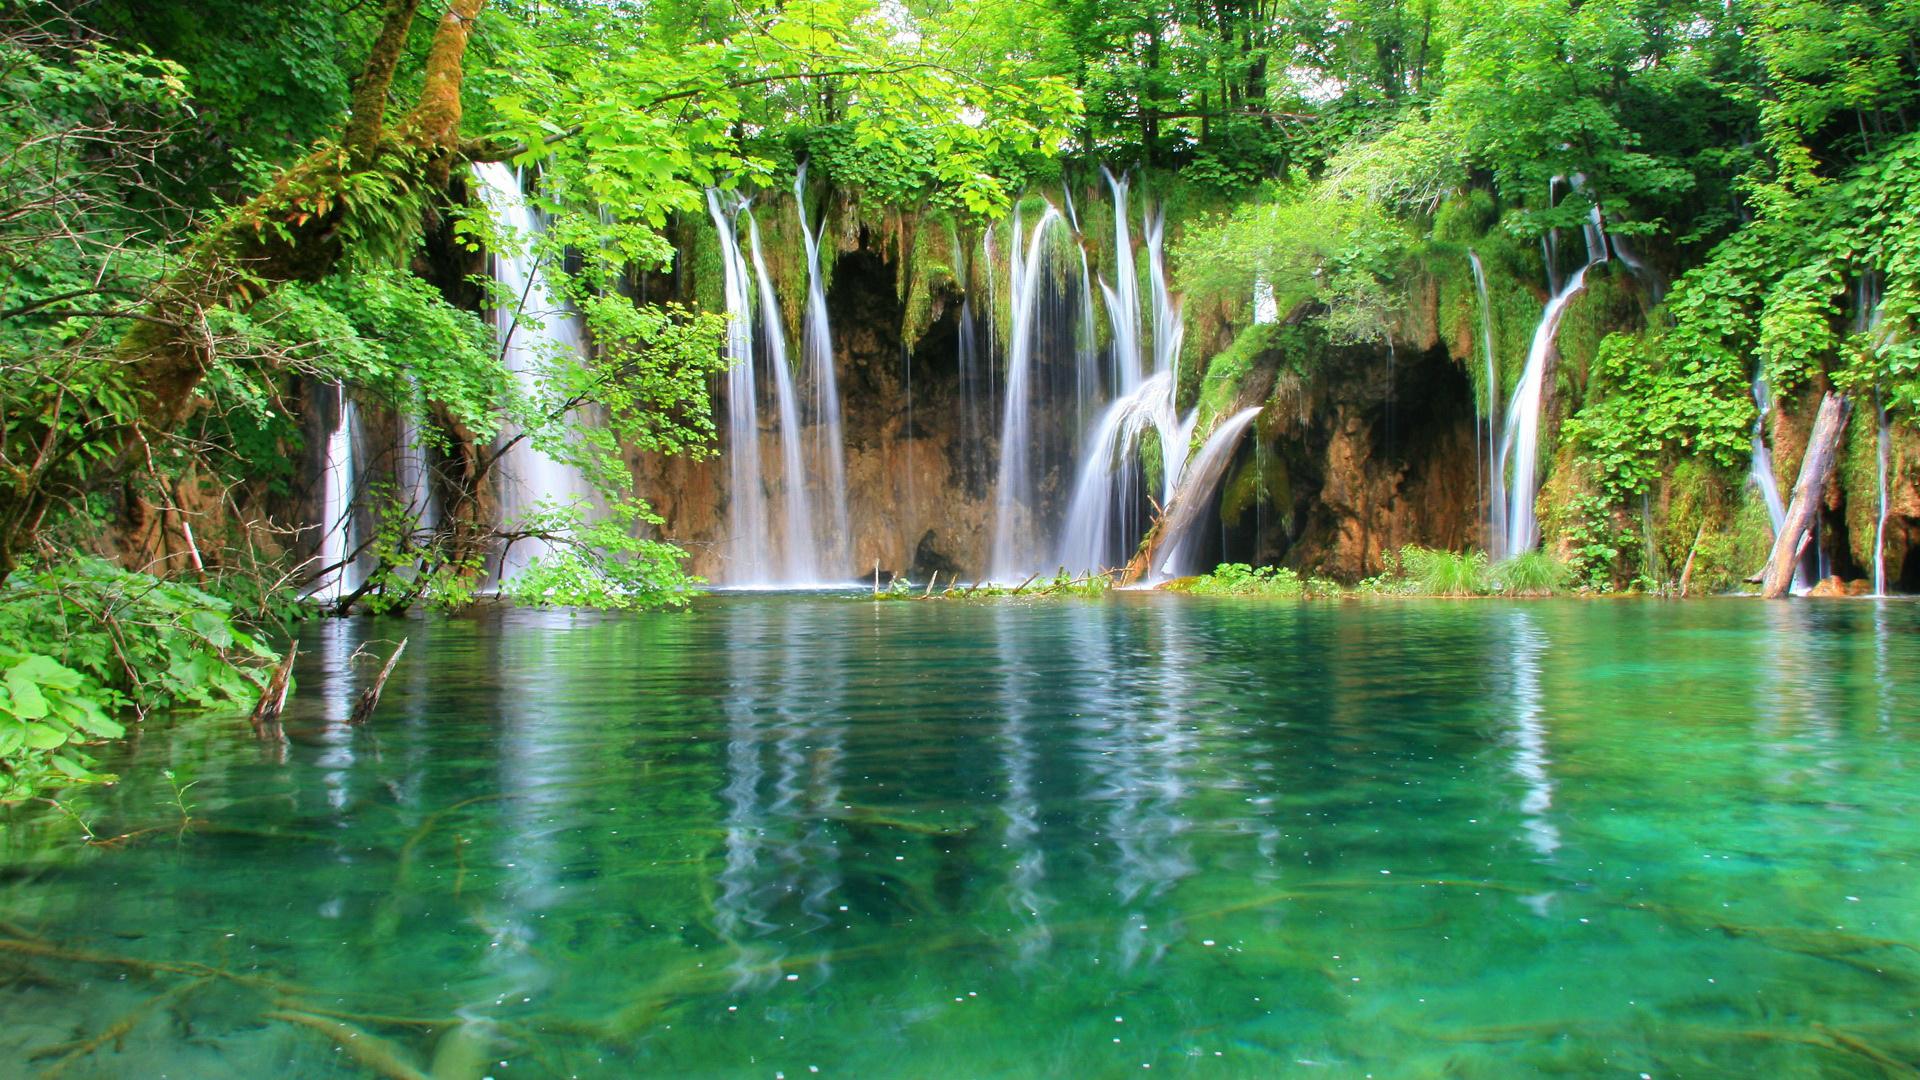 Hồ xanh thác trắng với thiên nhiên xanh mượt